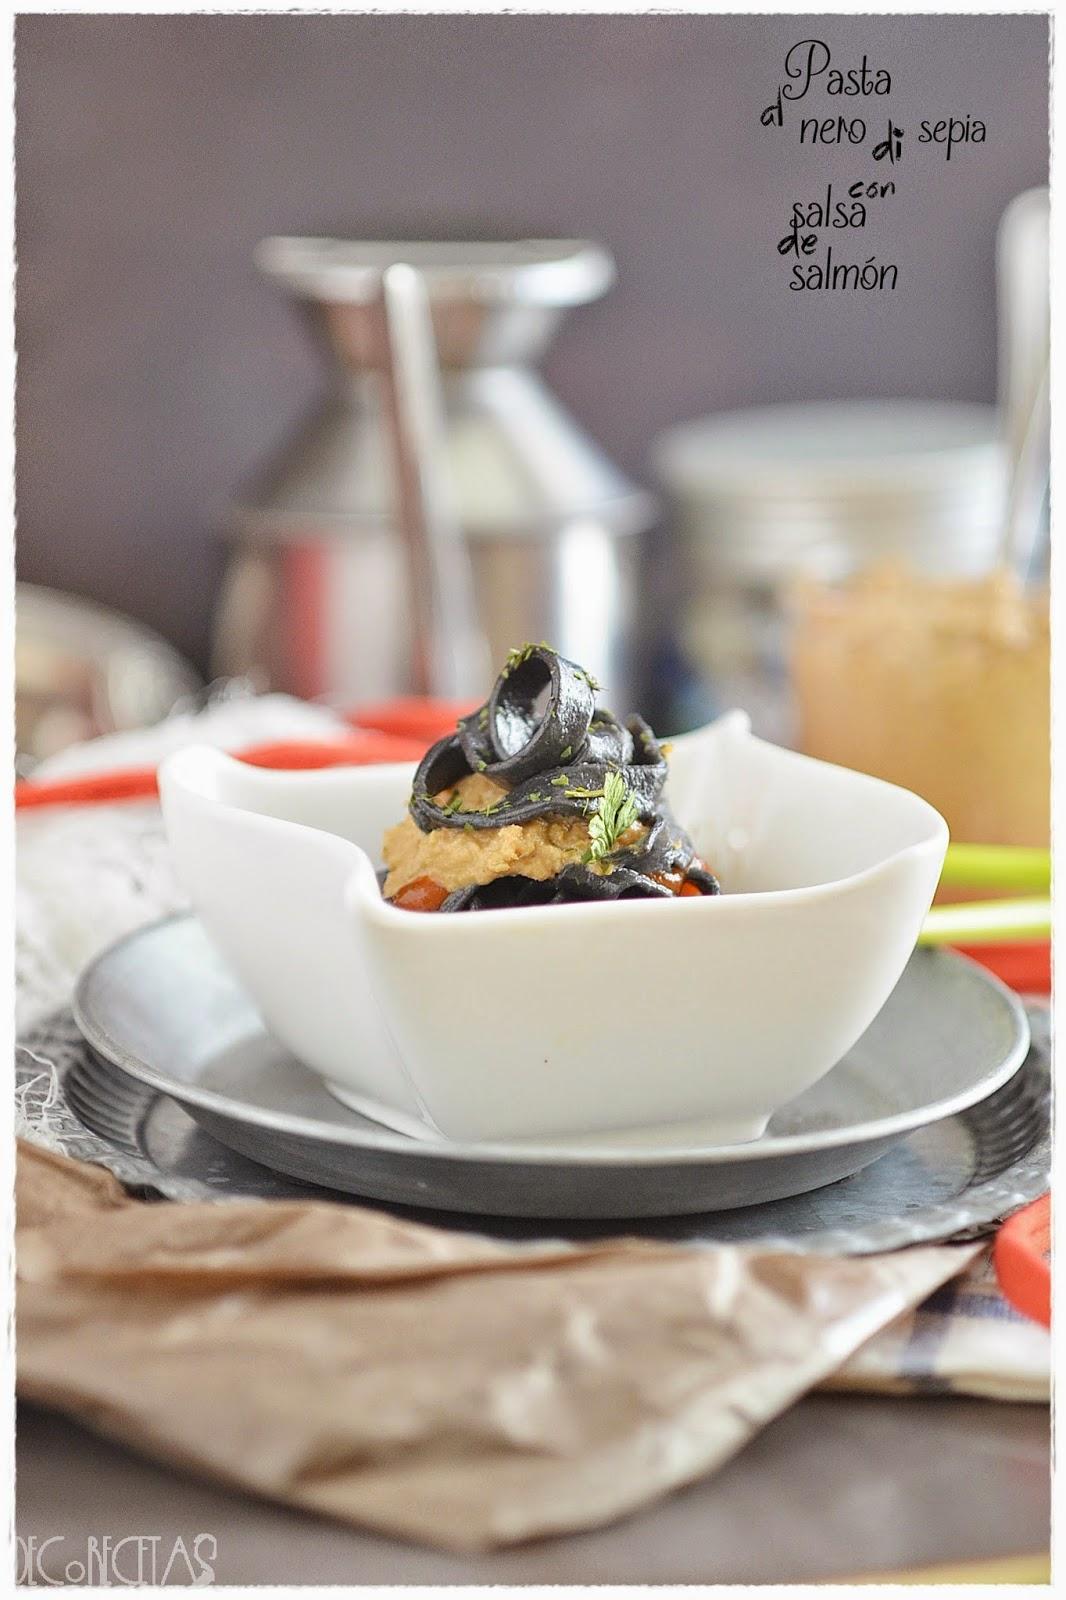 Pasta al nero di sepia con salsa de salmón